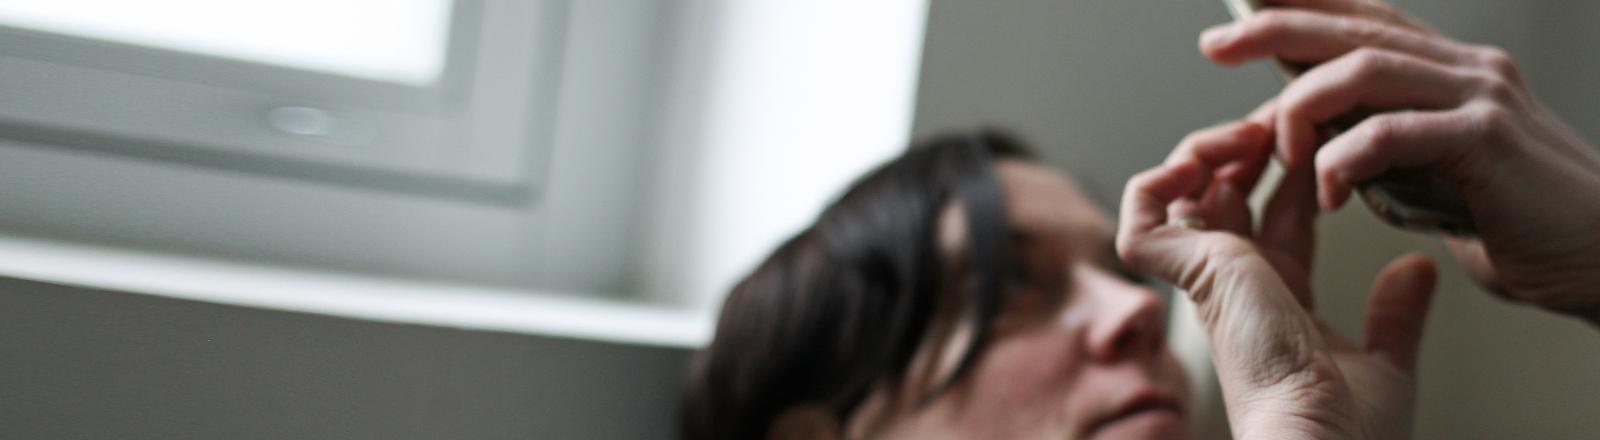 Eine Frau tippt im Liegen in ihr Smartphone. Die Stimmung ist düster.